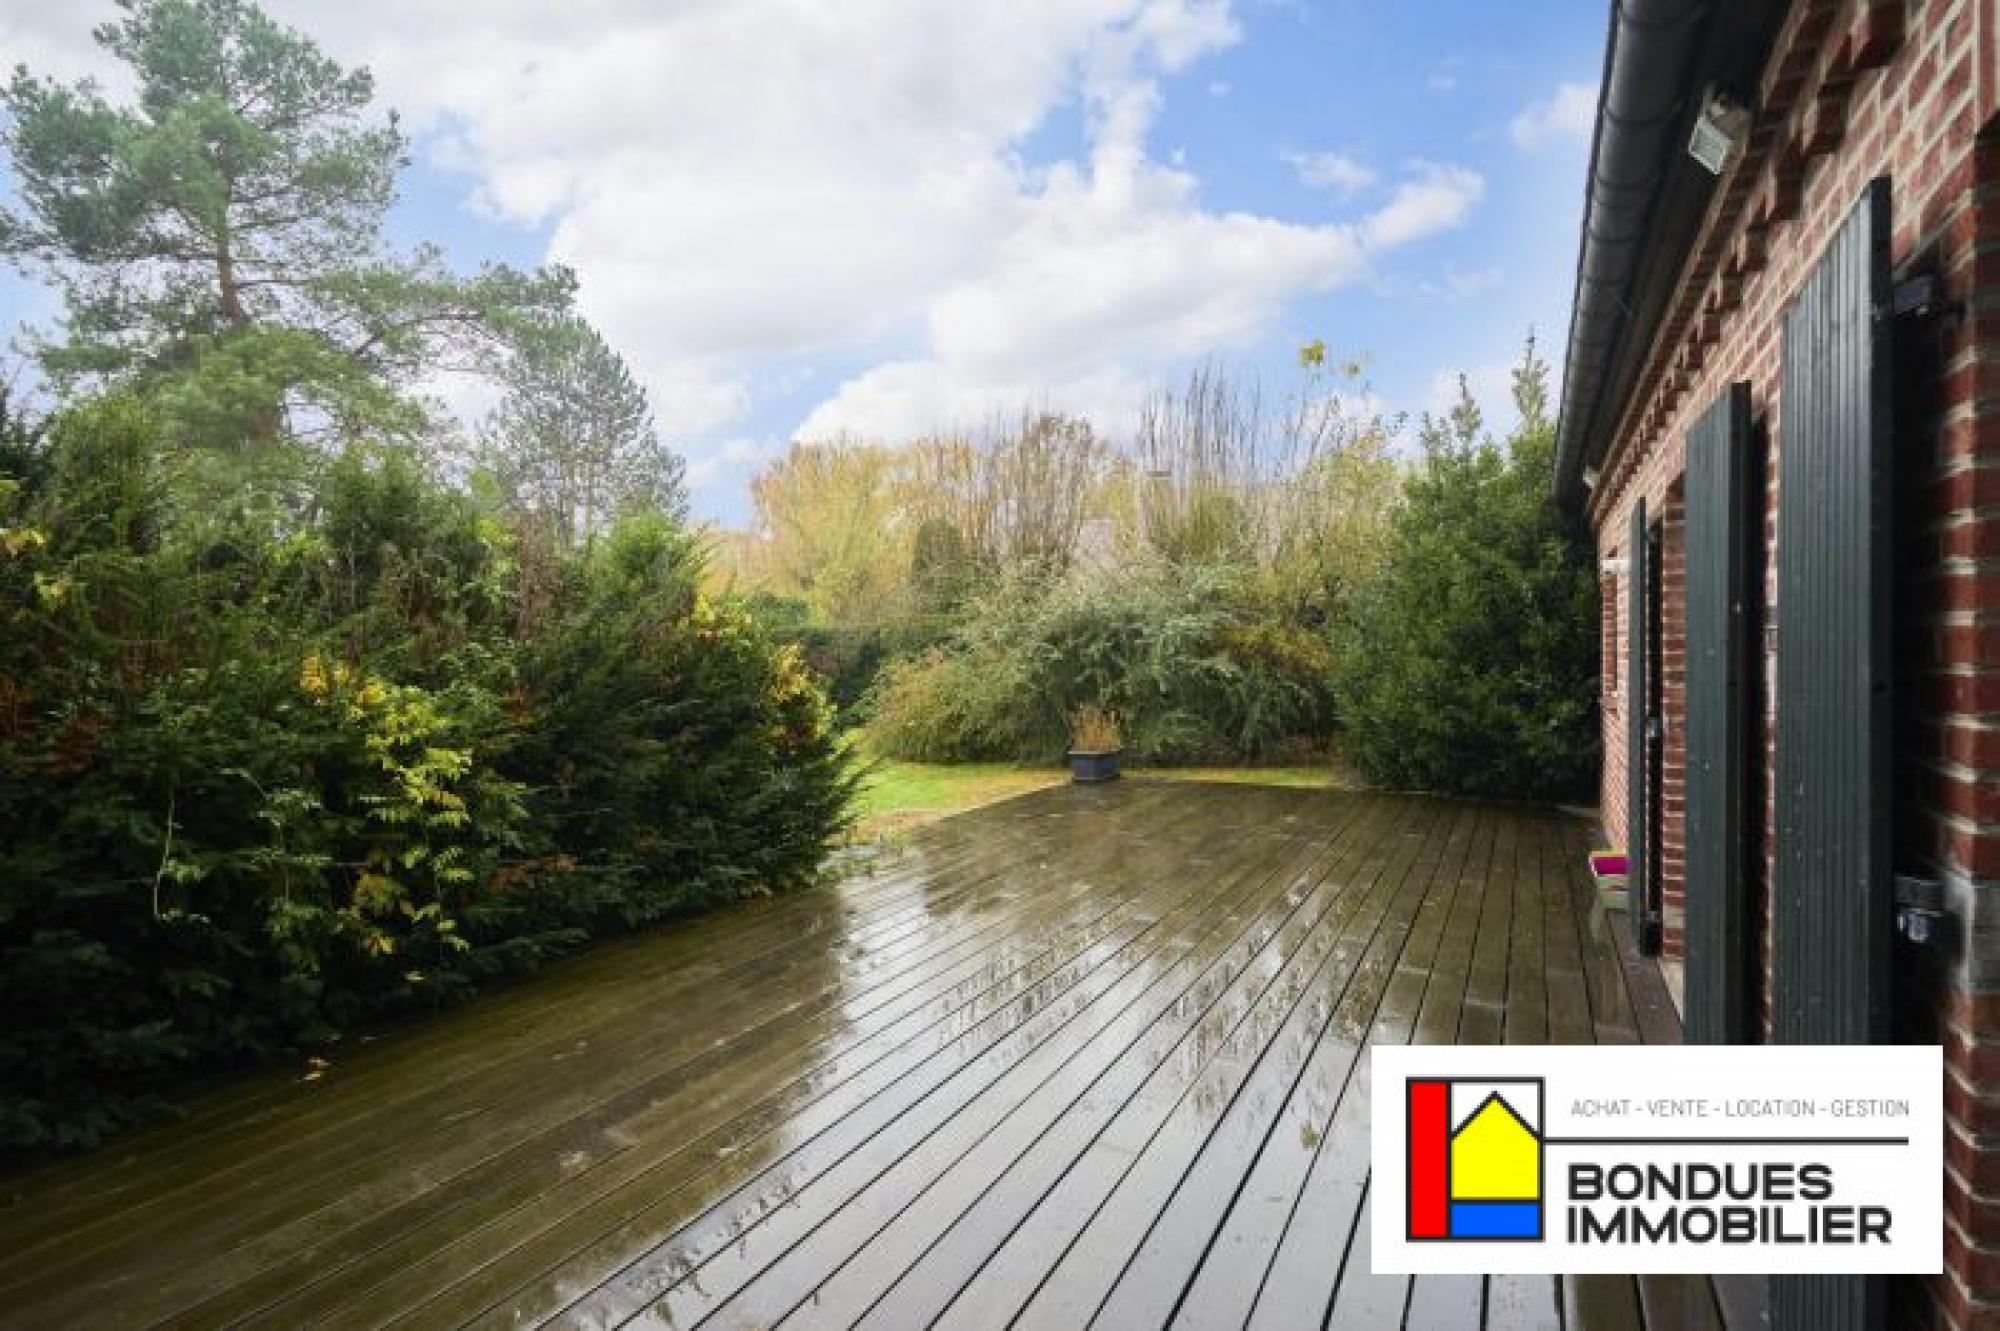 vente maison bondues refVM420 (17)